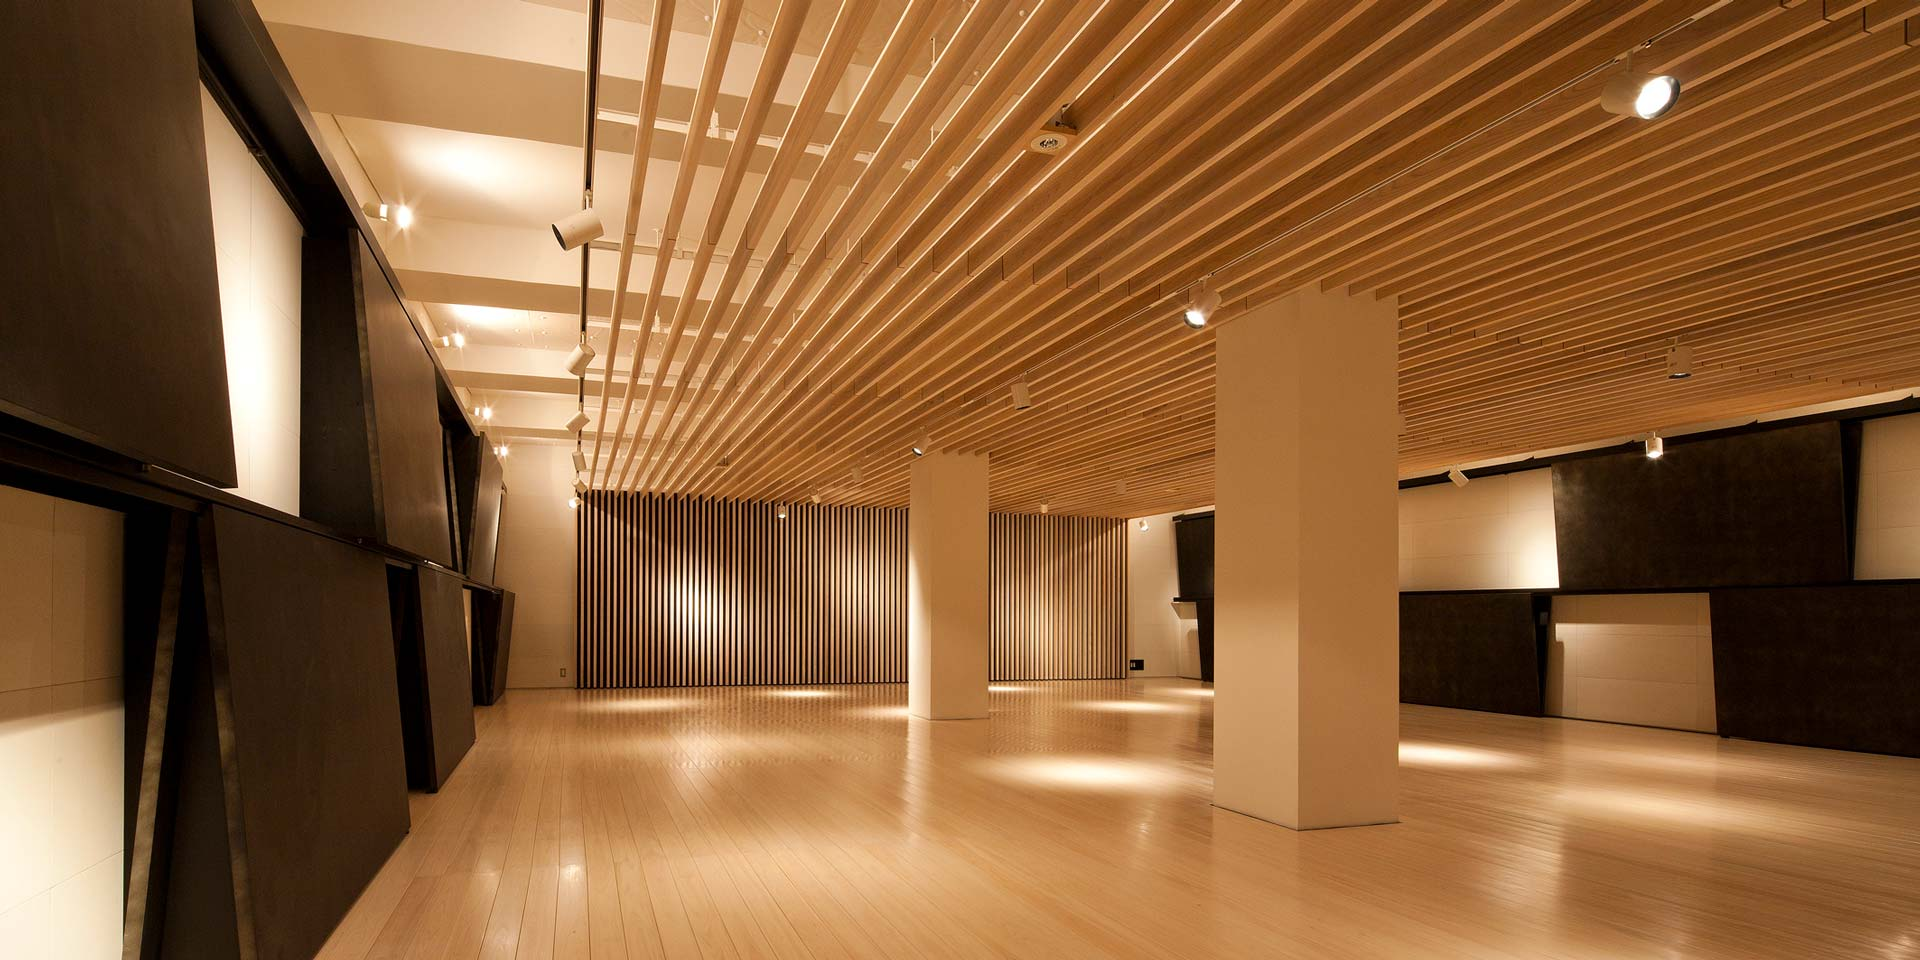 旧日銀岡山支店「ルネスホール」 Ⅱ期